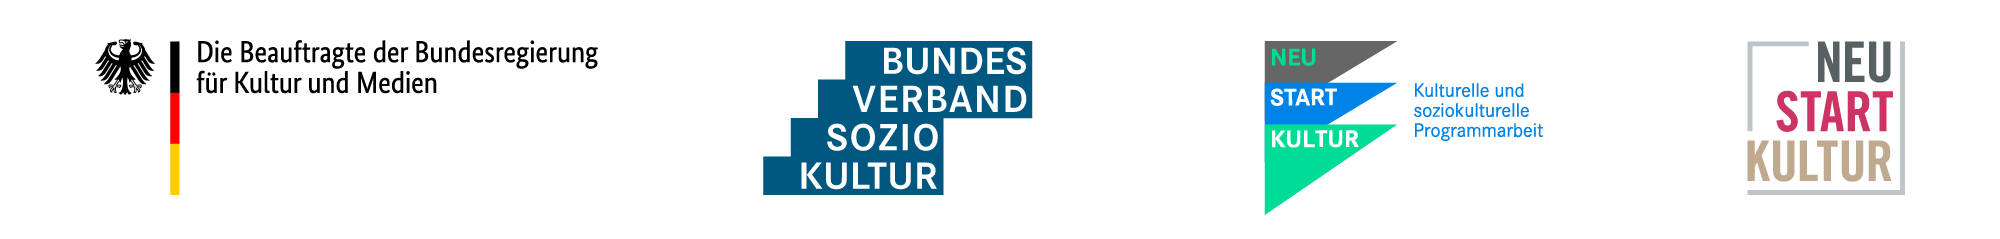 Neustart Kultur 2021 unterstützt das Kinder-und Jugendtheater Frankfurt